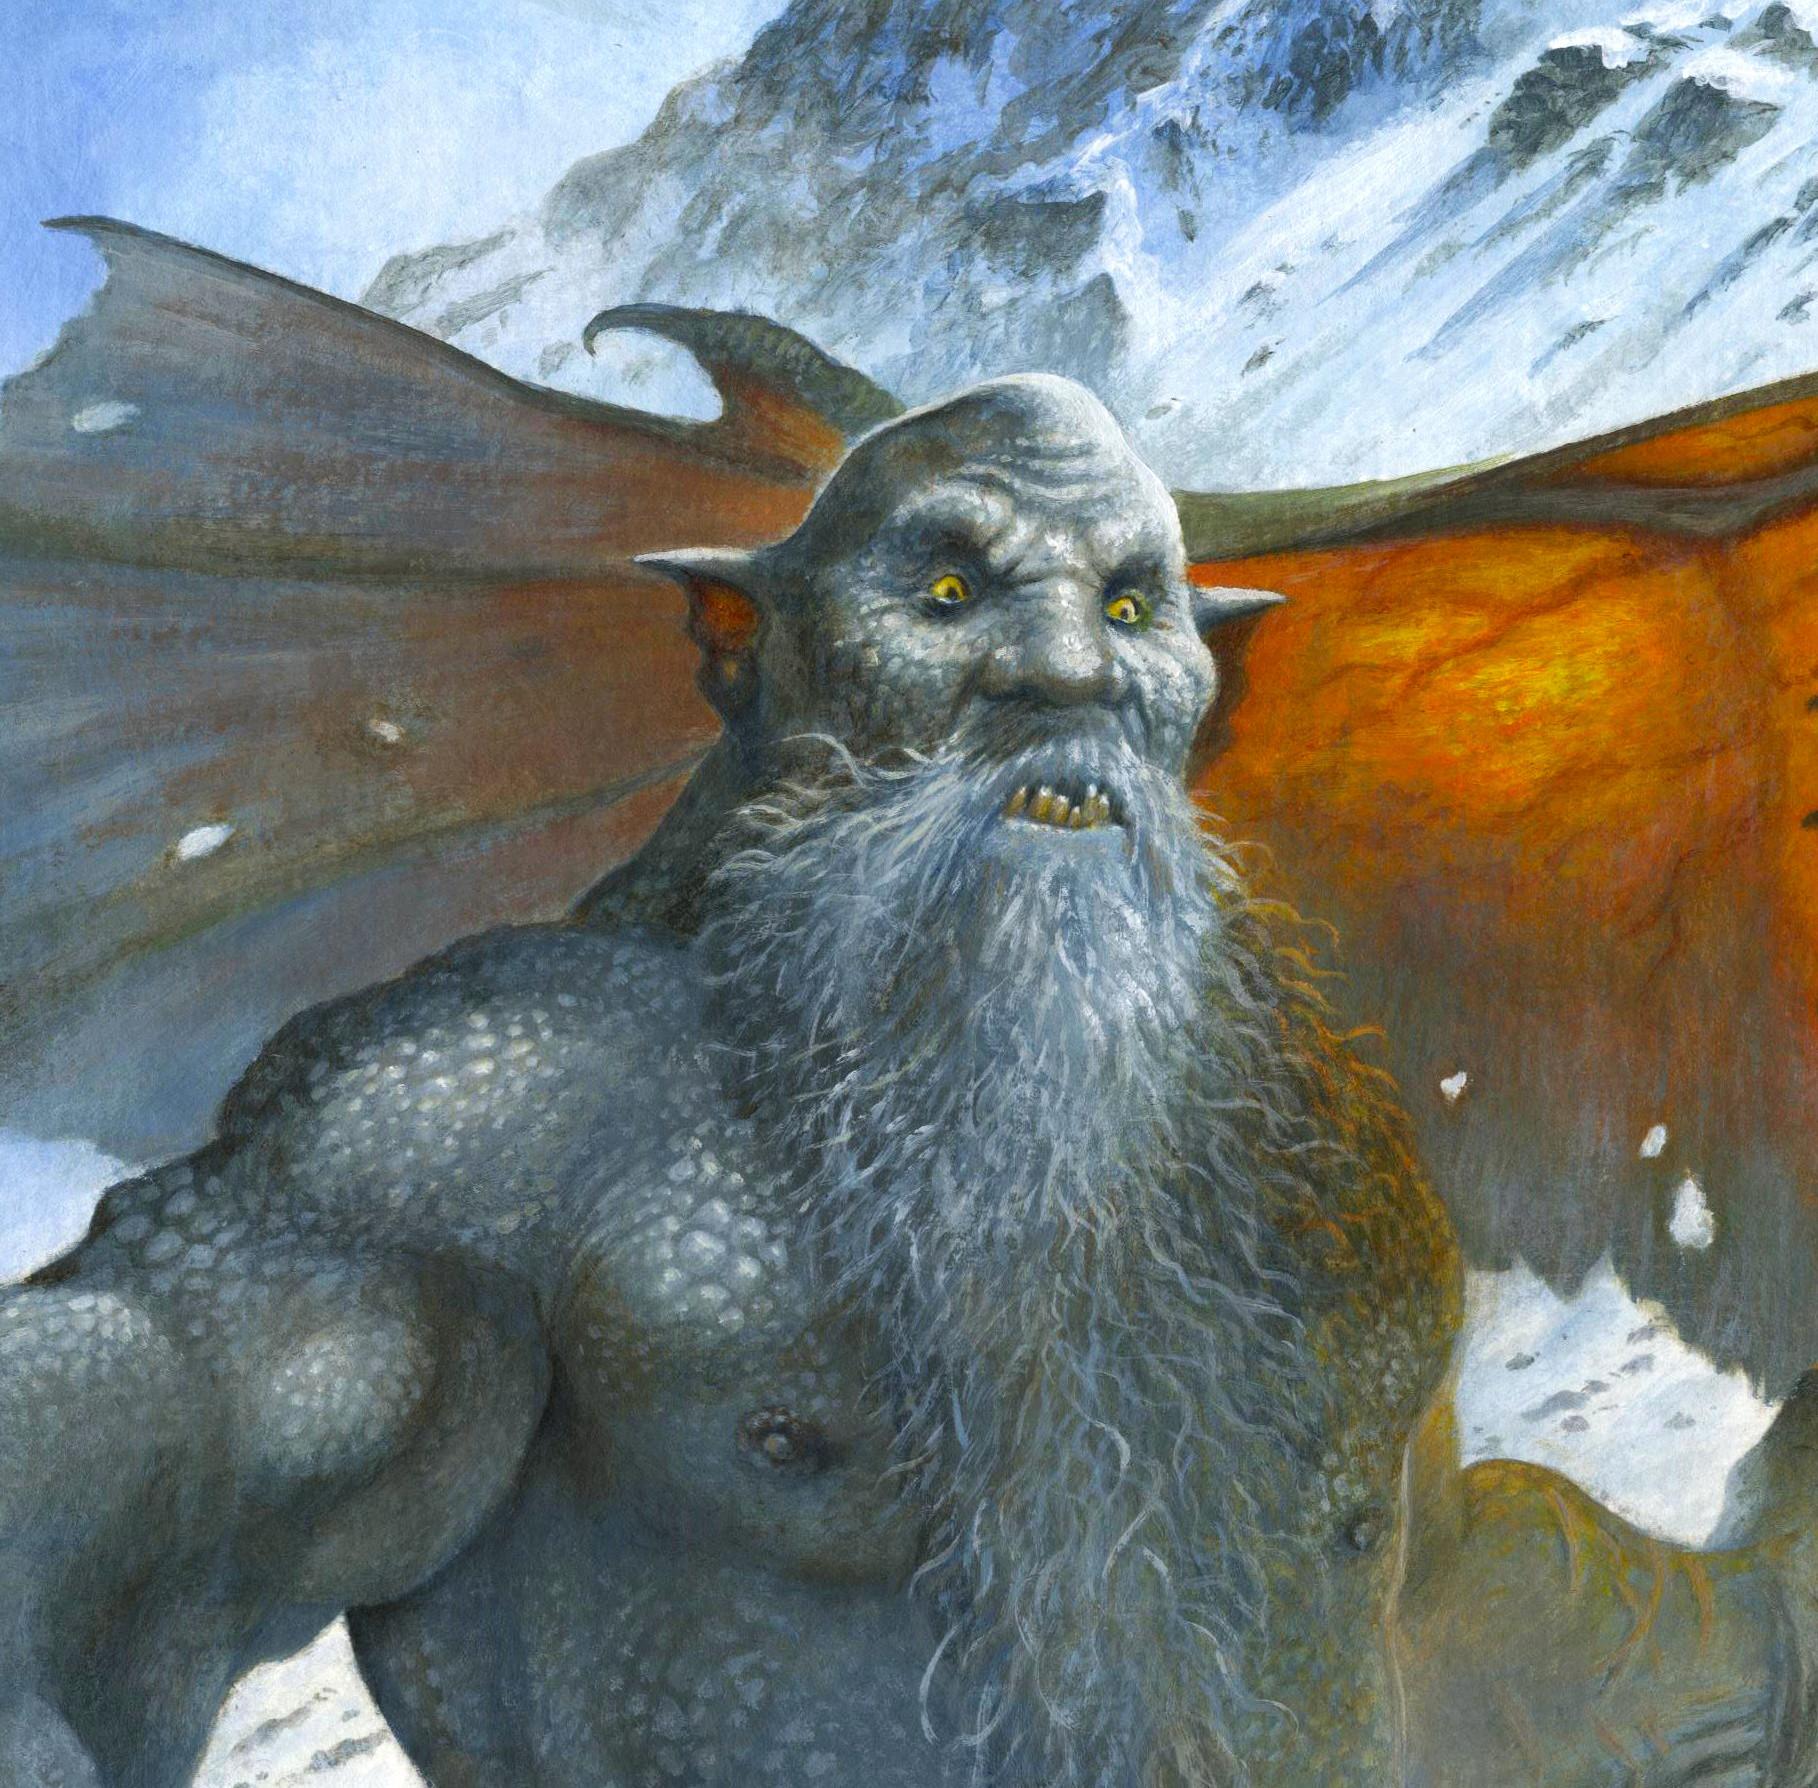 Loic canavaggia dresseur de dragons4